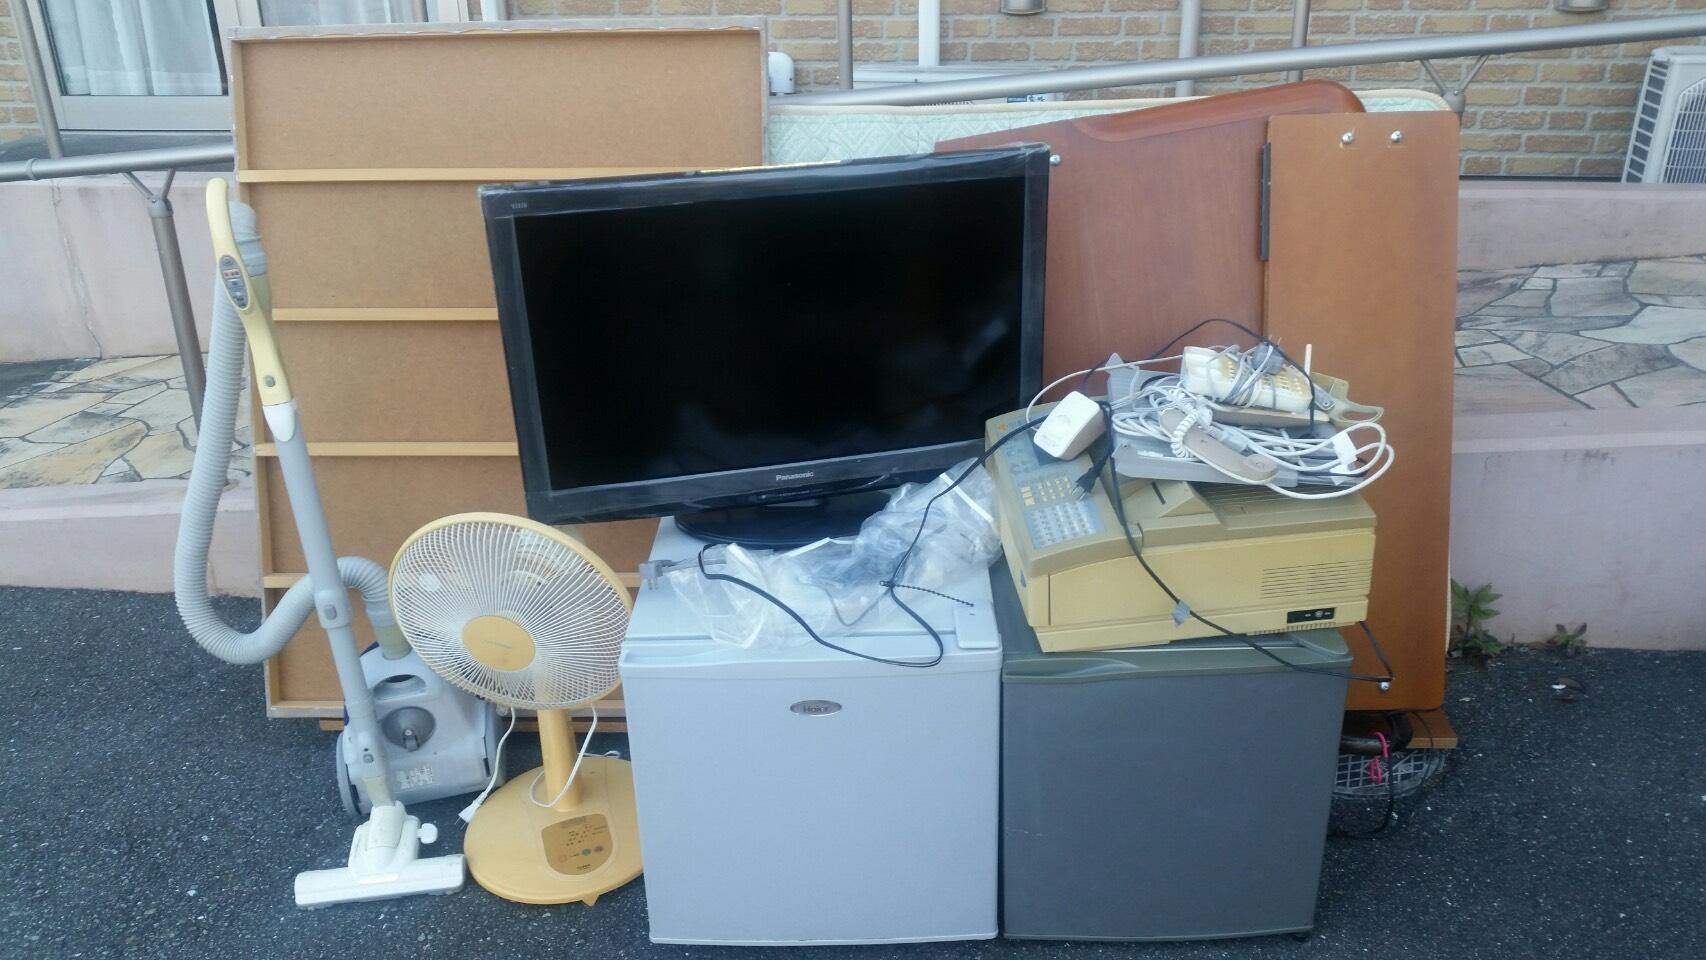 冷蔵庫、FAX、マットレス、掃除機、扇風機、テレビの回収前